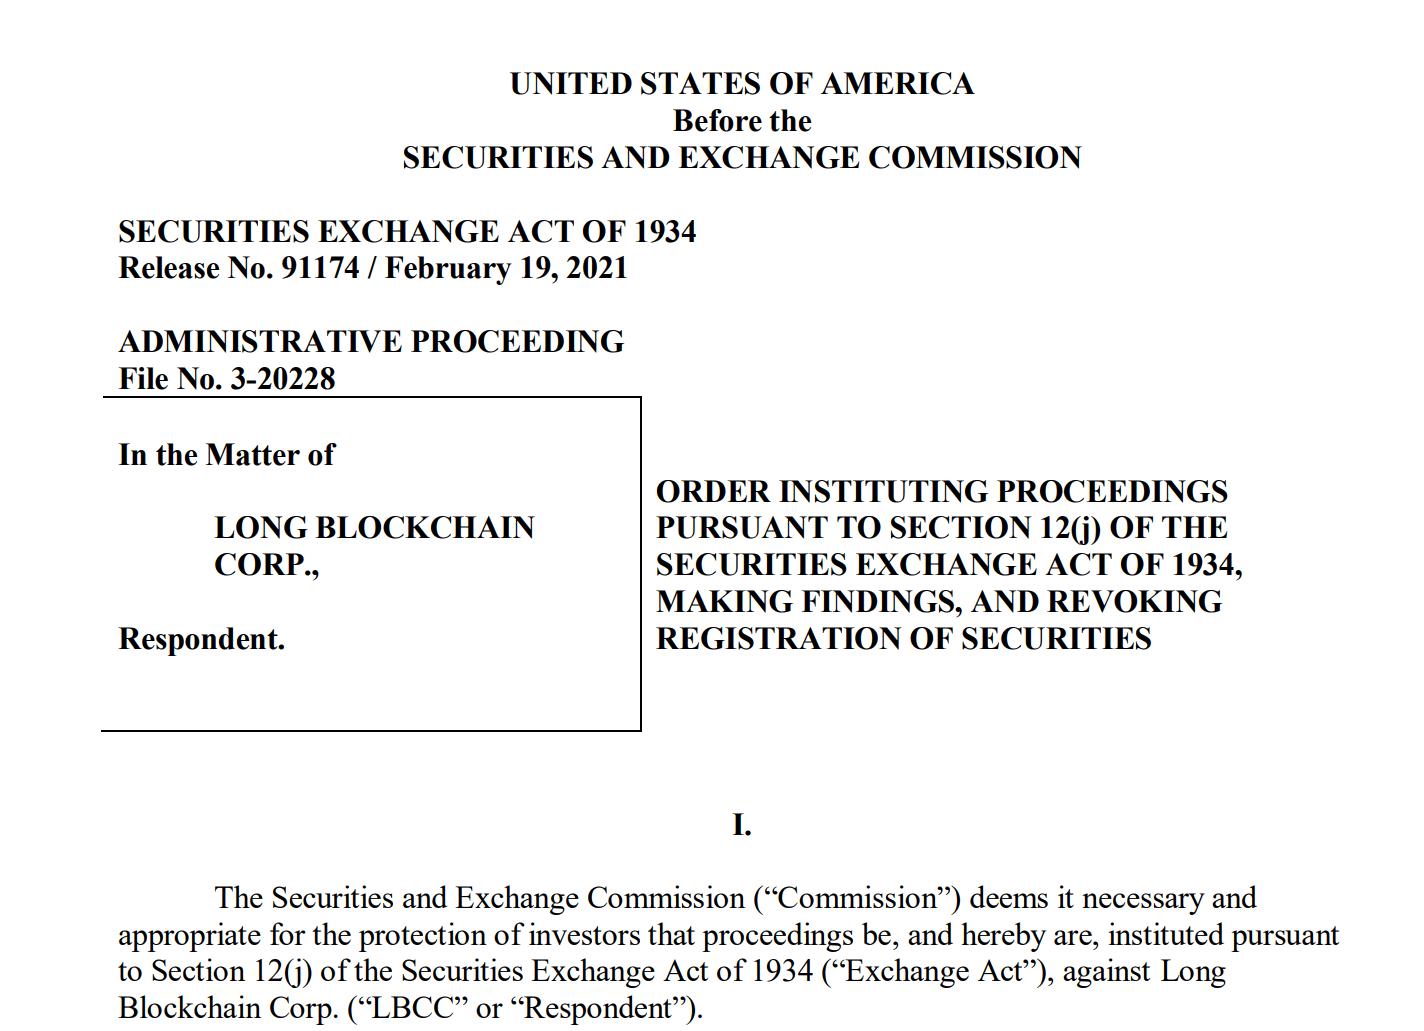 比特币大涨背后的阴影:投机改名股Long Blockchain遭美国SEC勒令摘牌